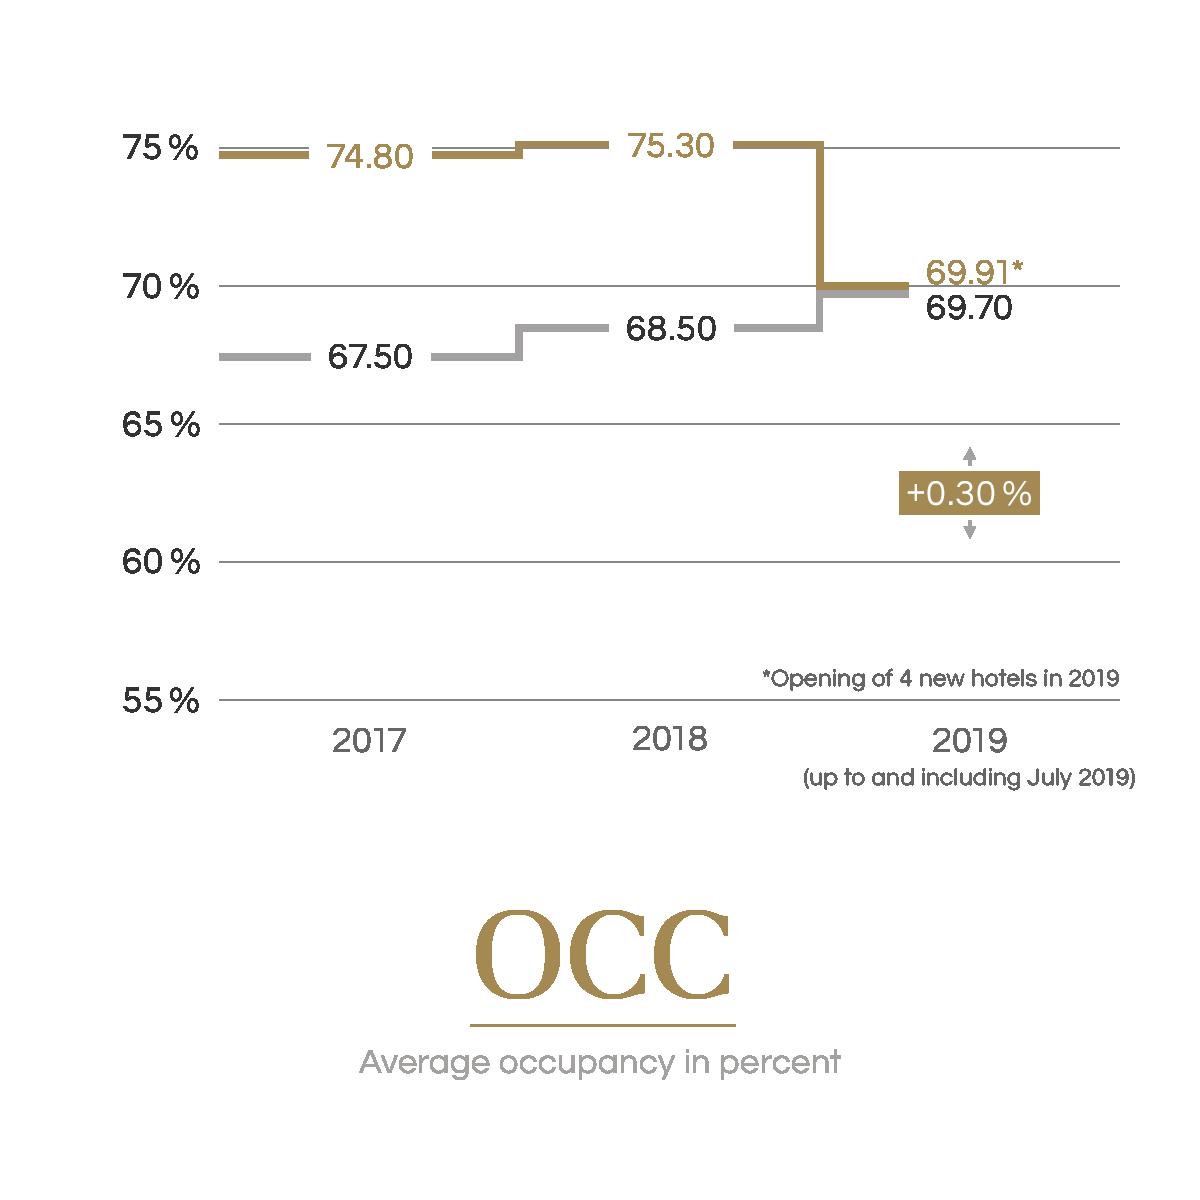 OCC   Average occupancy in percent